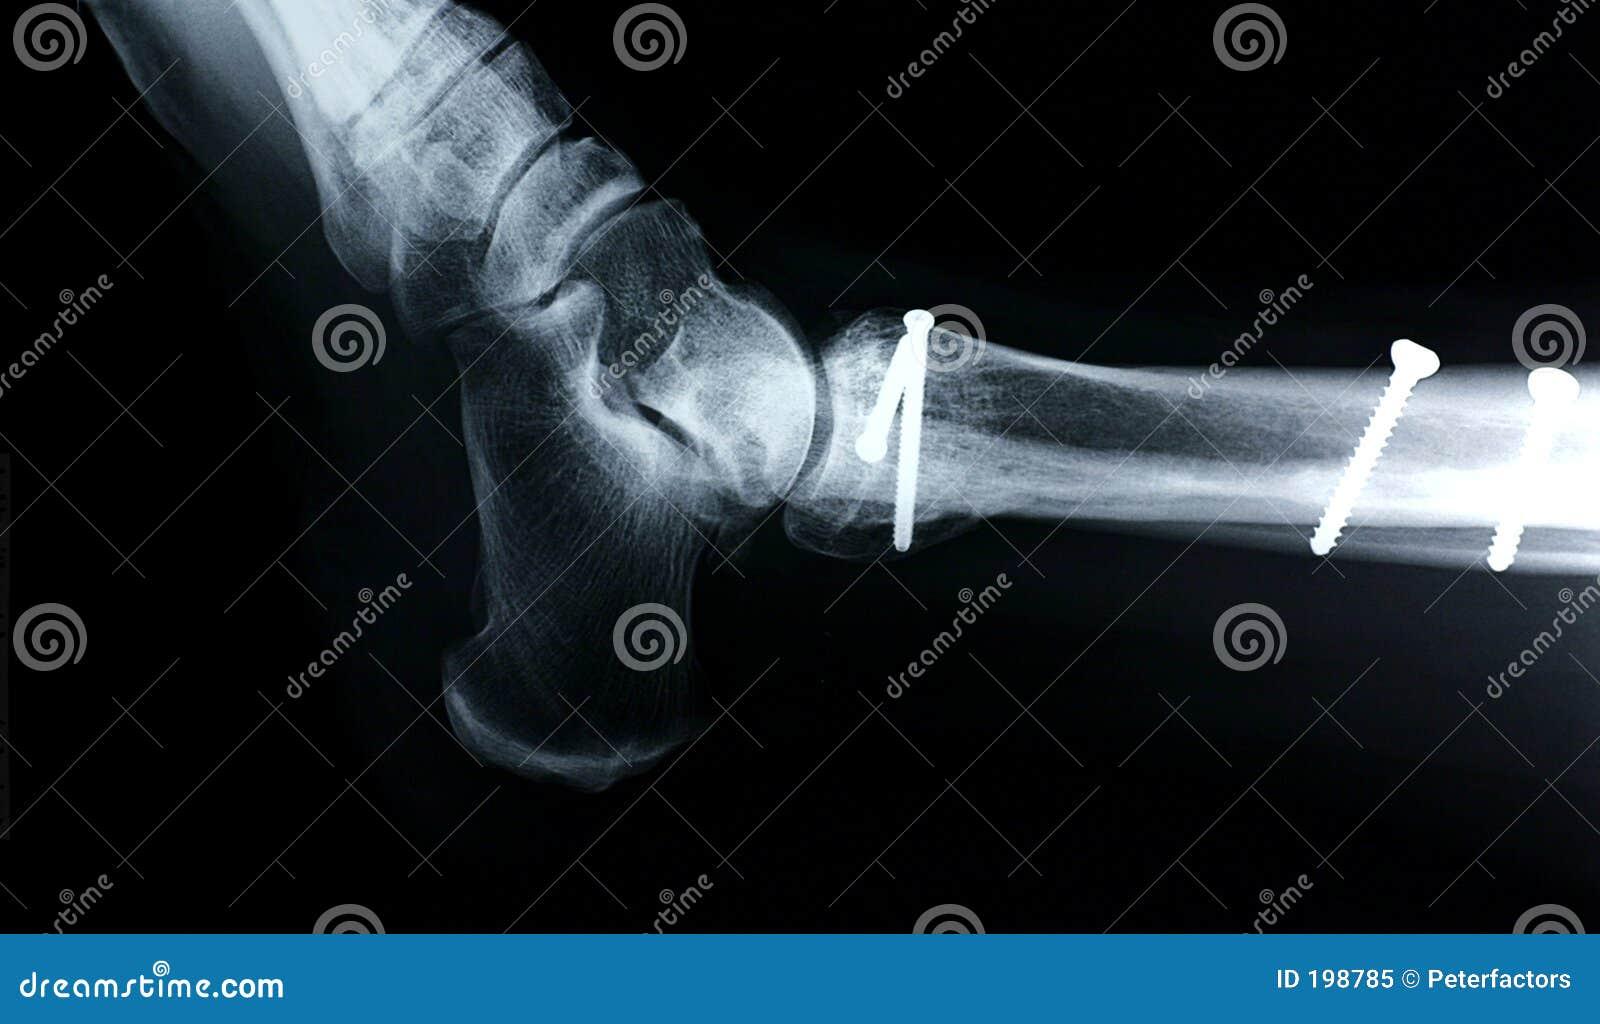 Vista Lateral De La Radiografía/del Tobillo Imagen de archivo ...